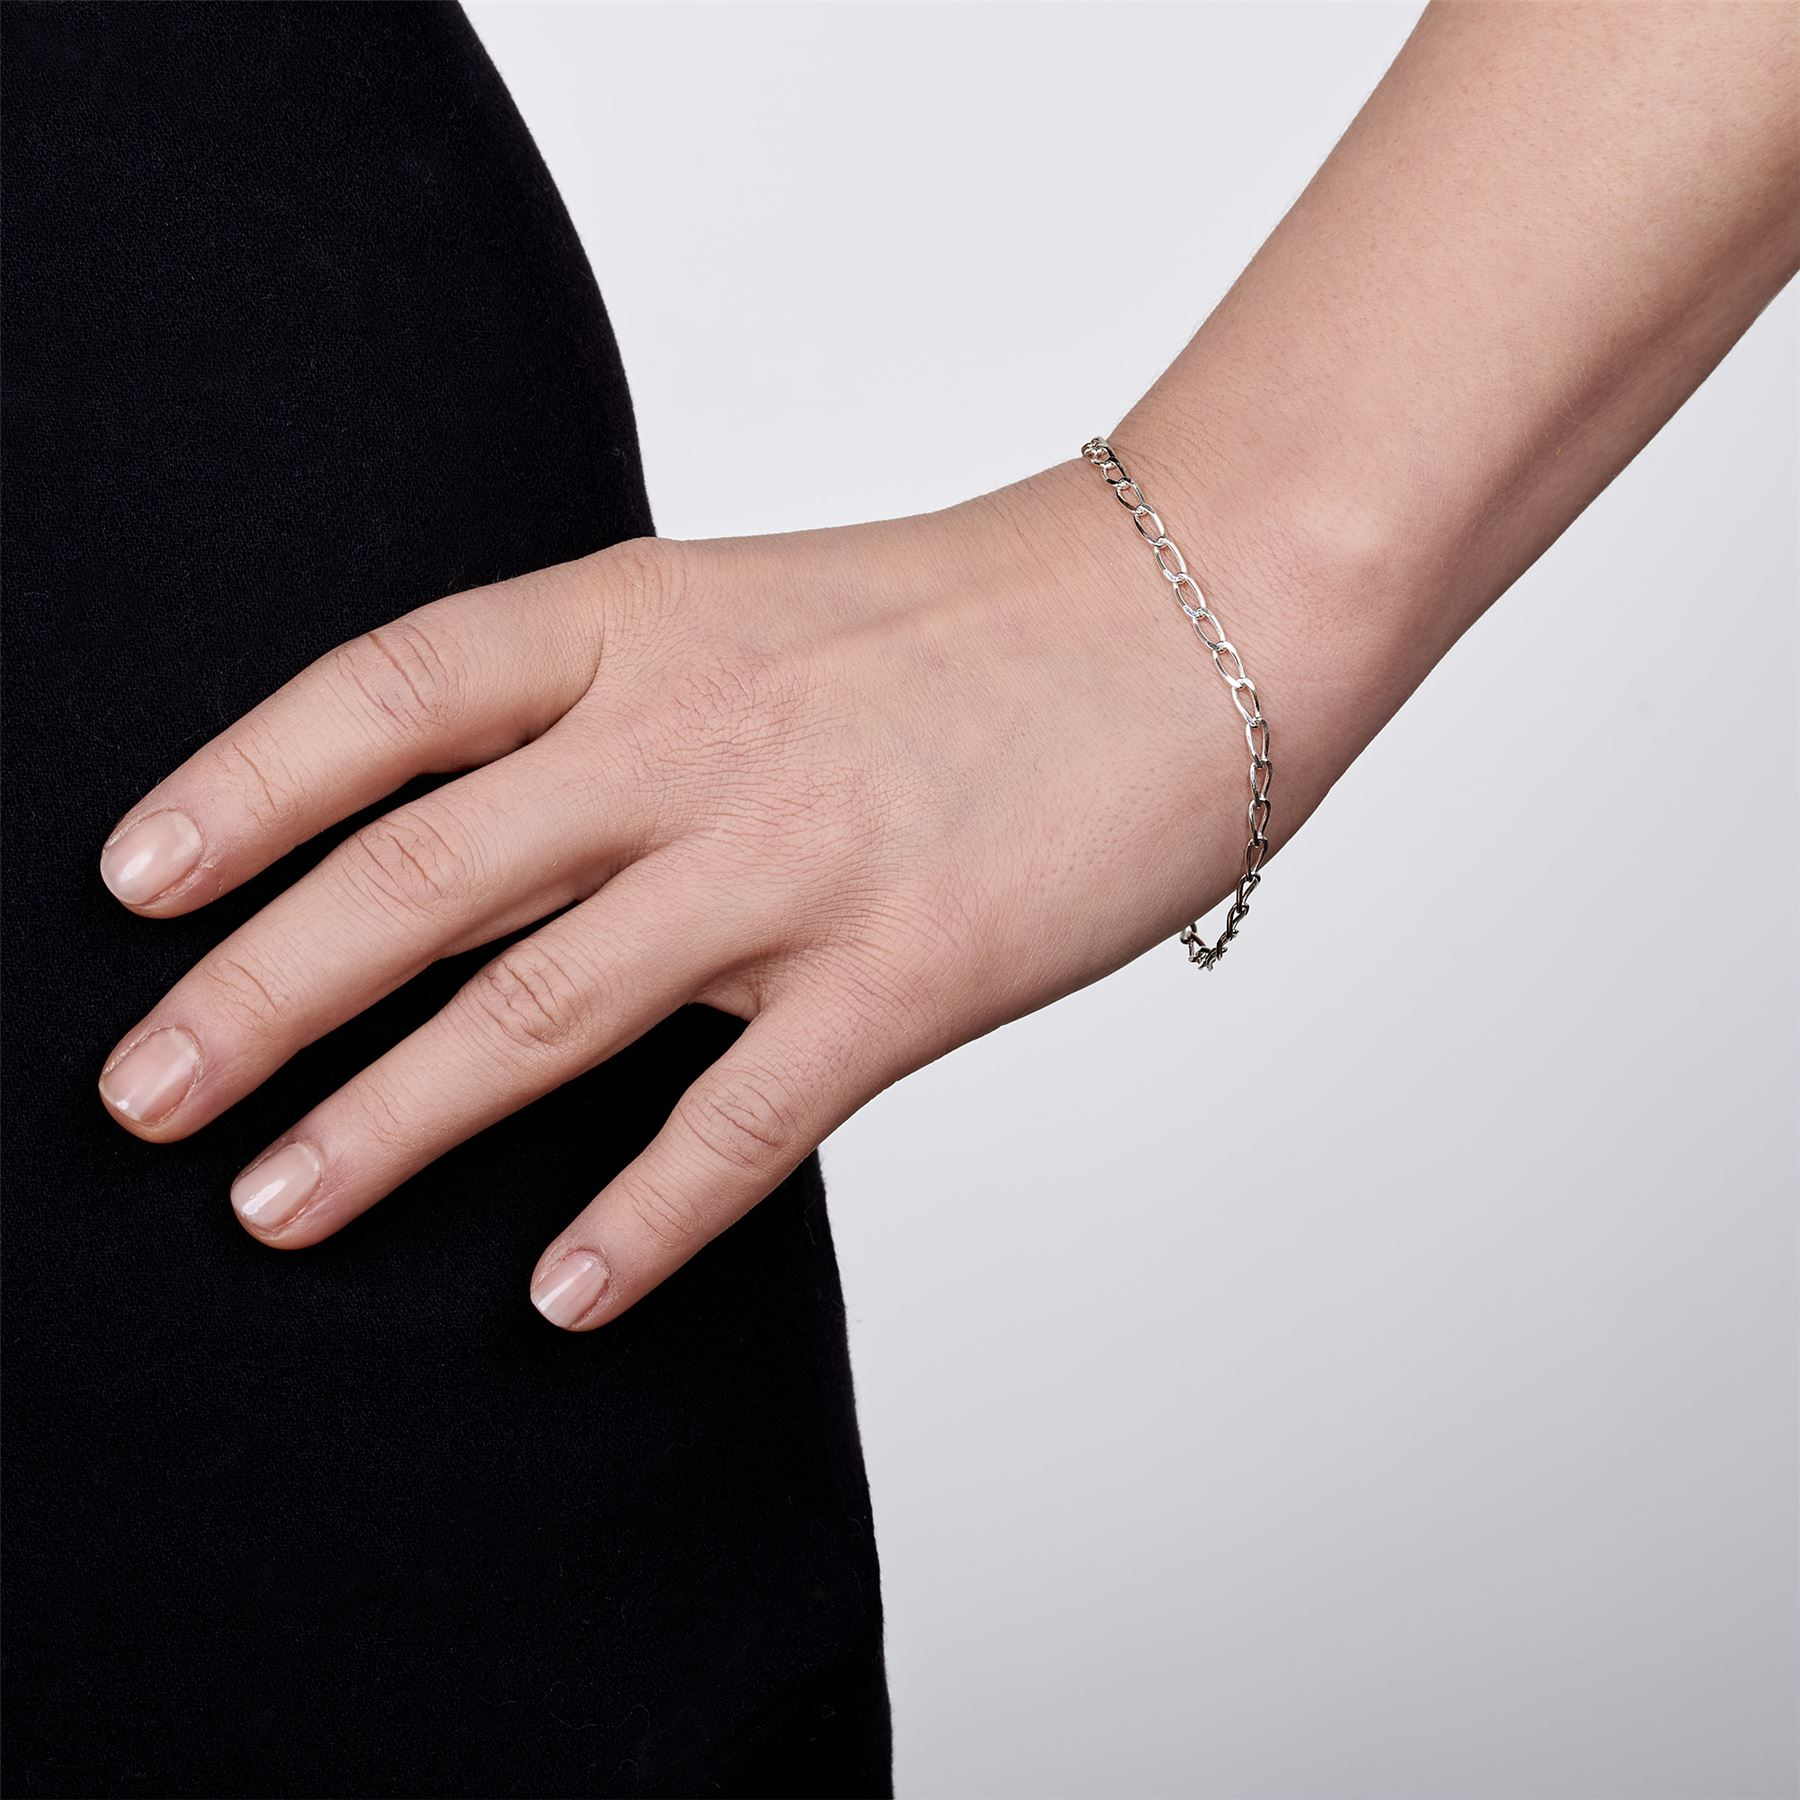 Amberta-Bijoux-Bracelet-en-Vrai-Argent-Sterling-925-Chaine-pour-Femme-a-la-Mode thumbnail 81